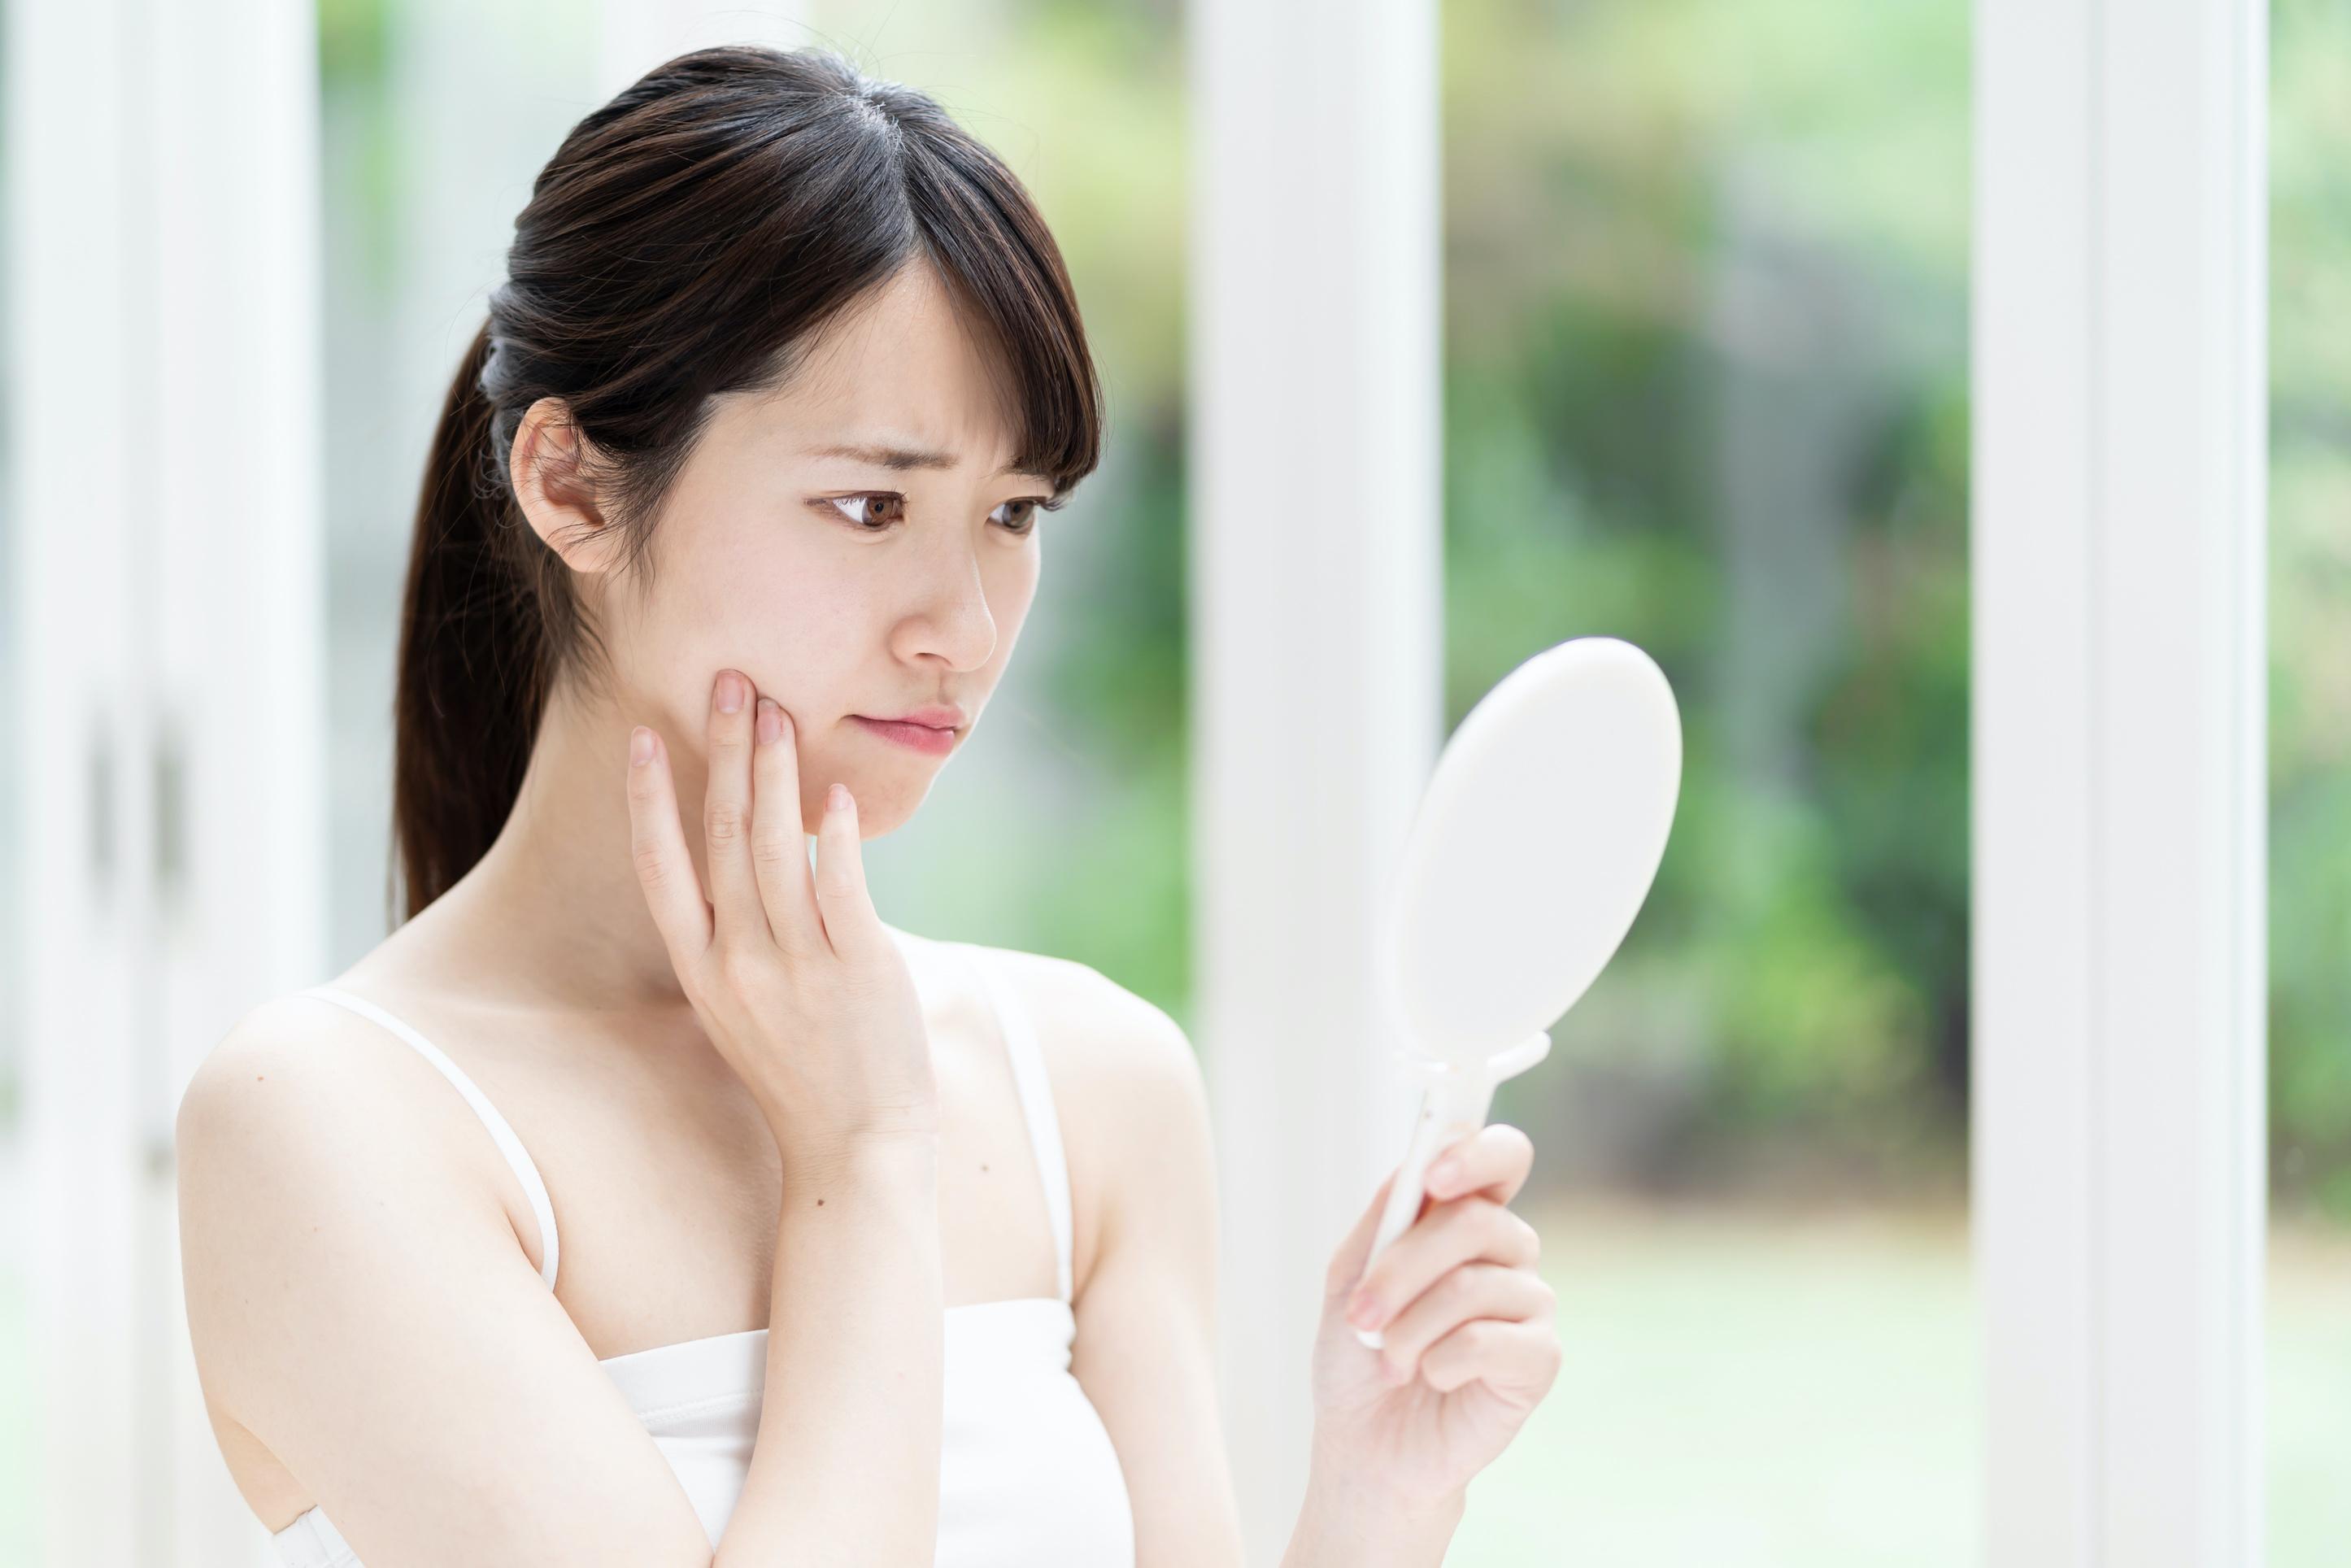 3.マスクによる肌荒れを防ぐには